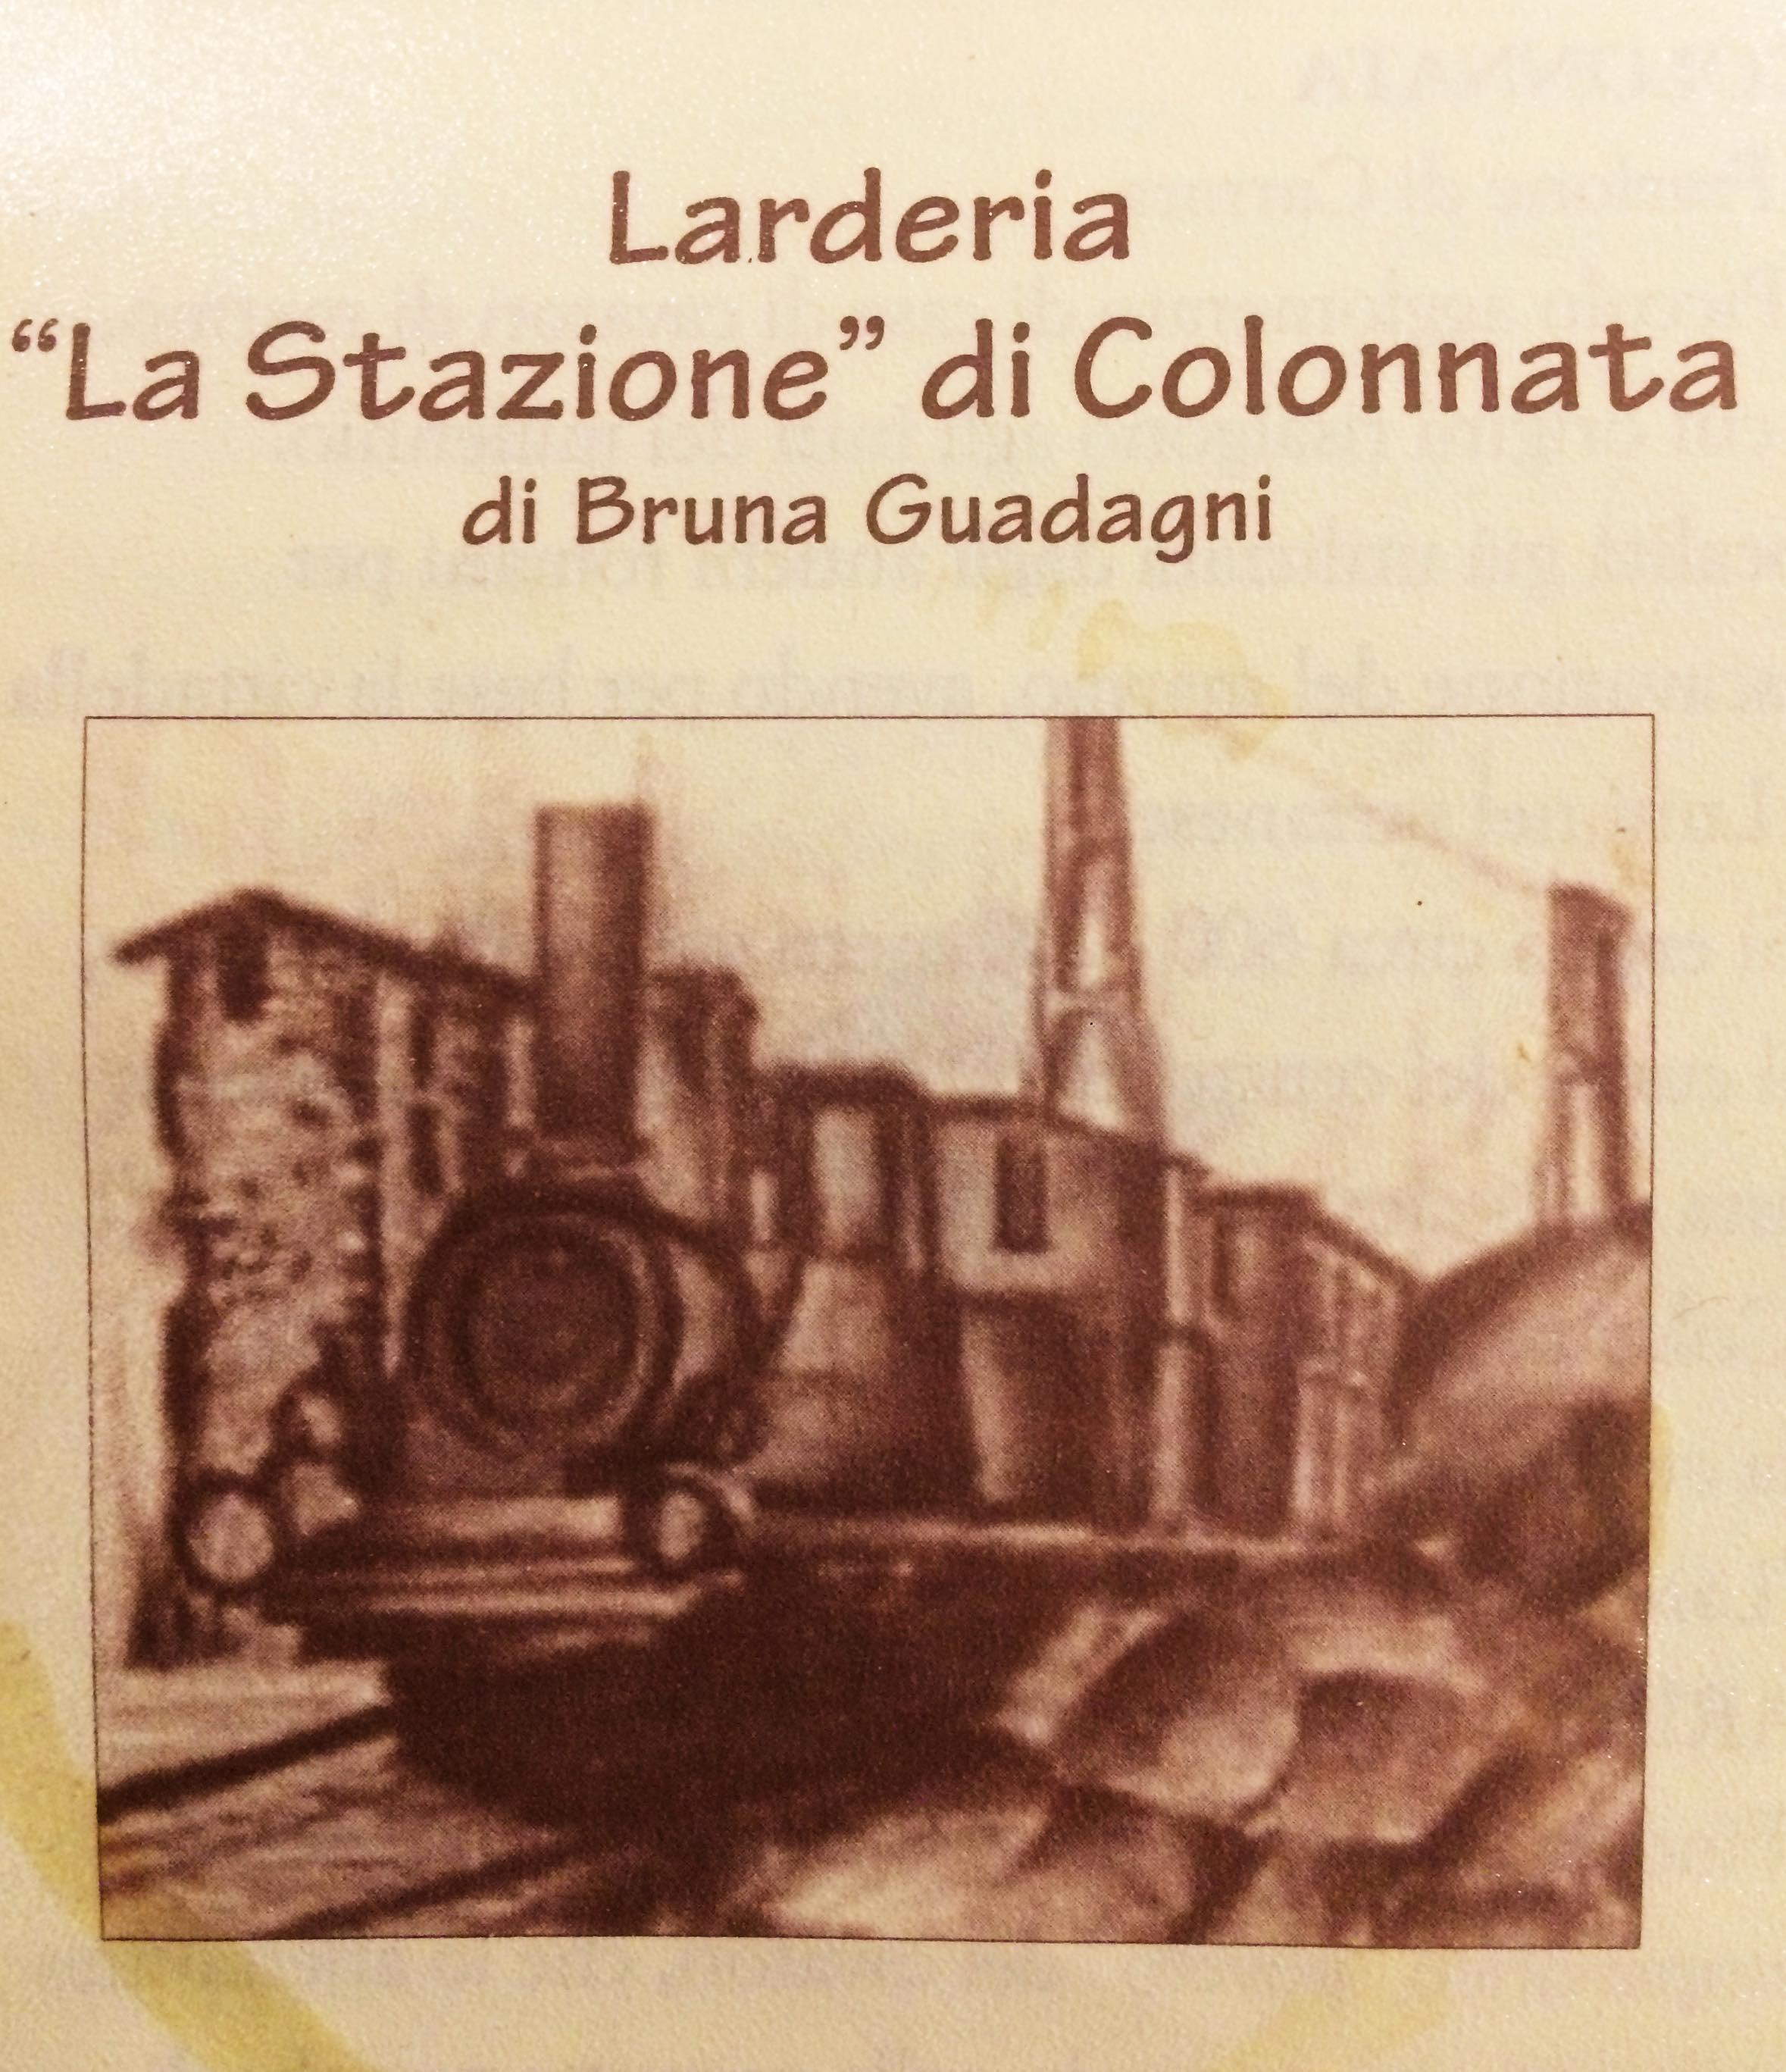 """Larderia """"La Stazione"""" di Colonnata"""